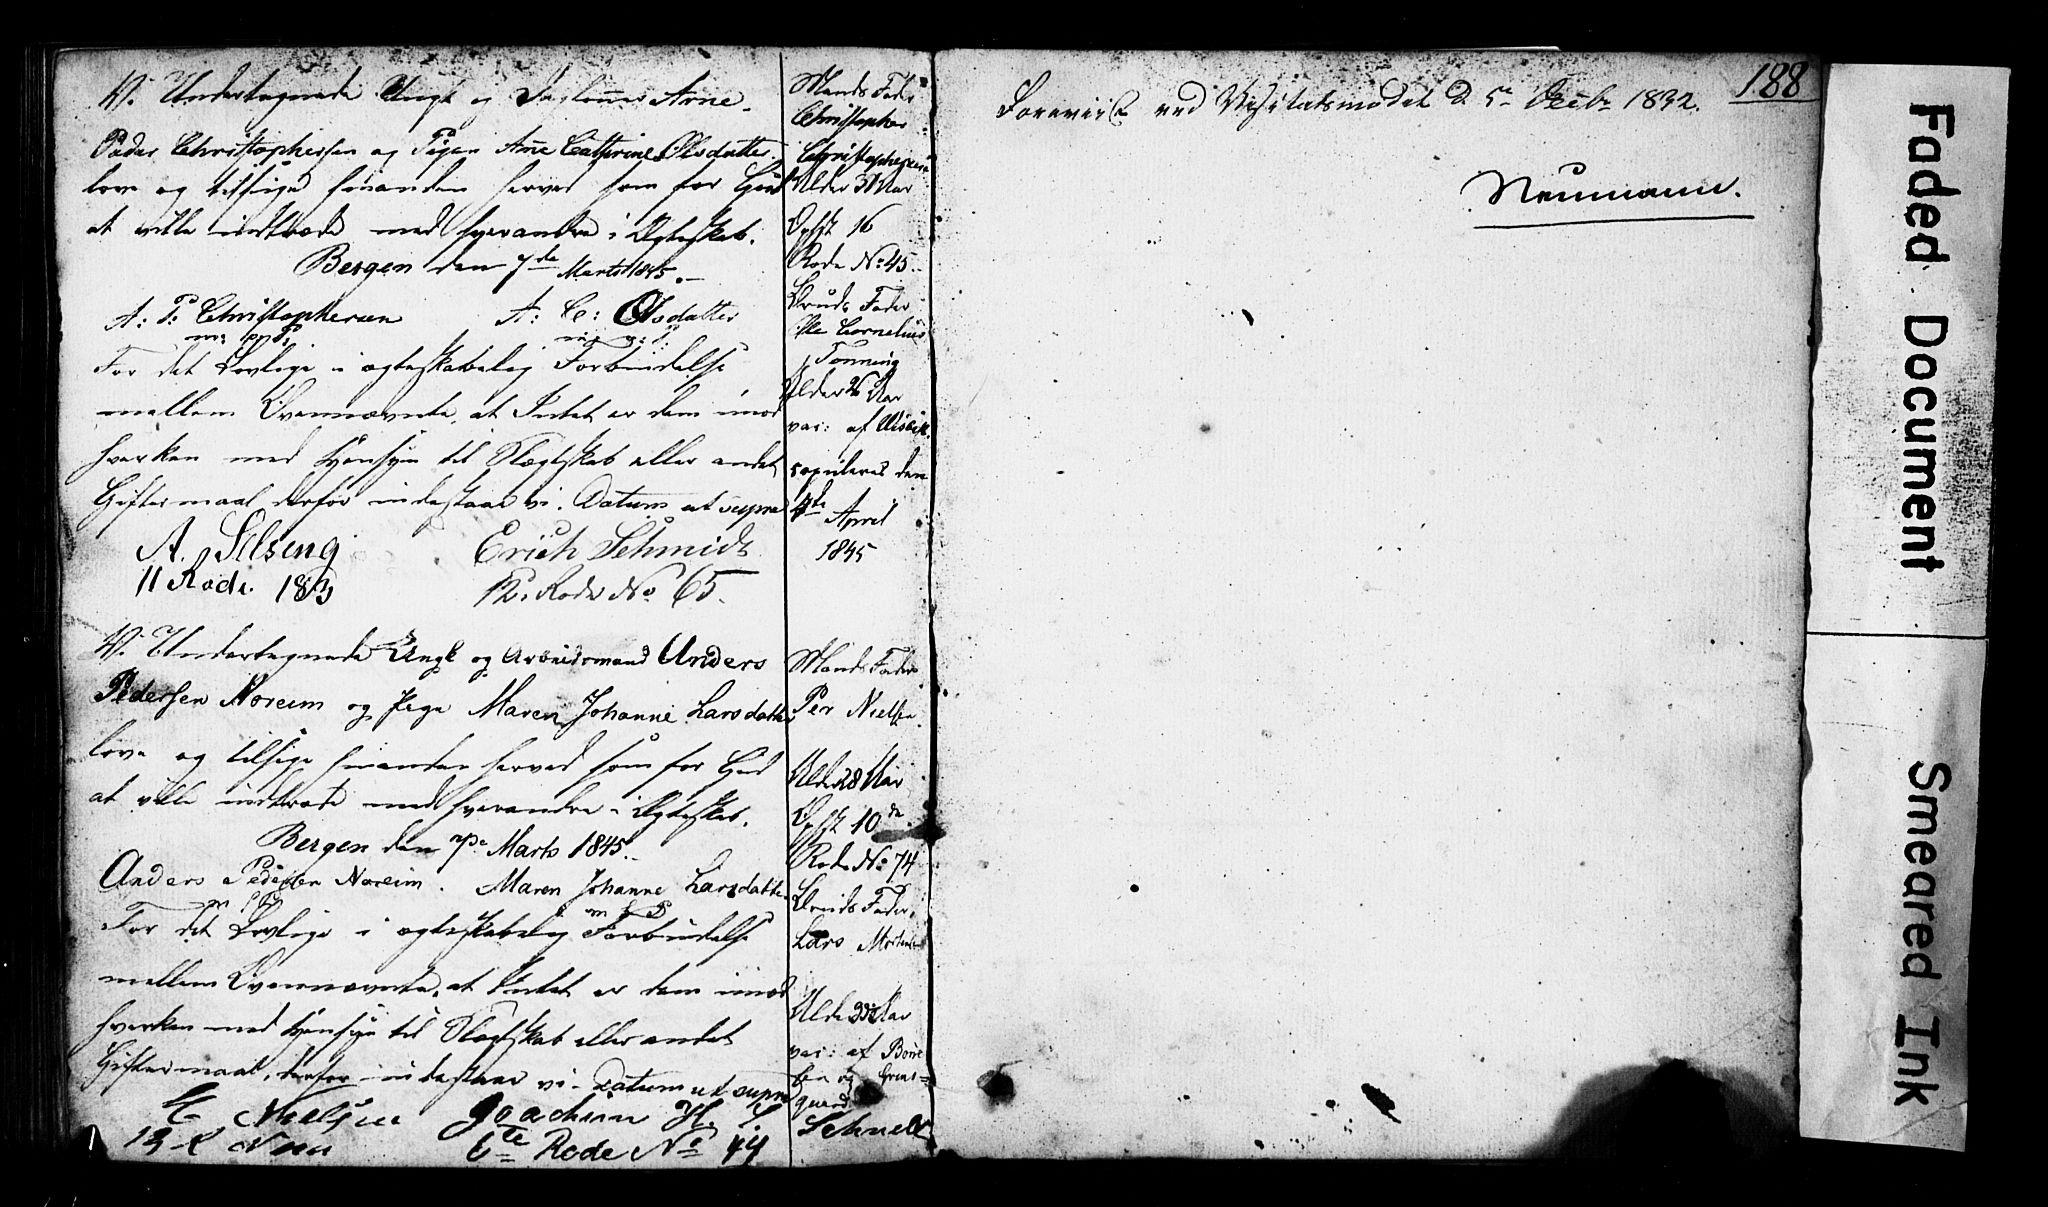 SAB, Domkirken Sokneprestembete, Forlovererklæringer nr. II.5.3, 1832-1845, s. 188